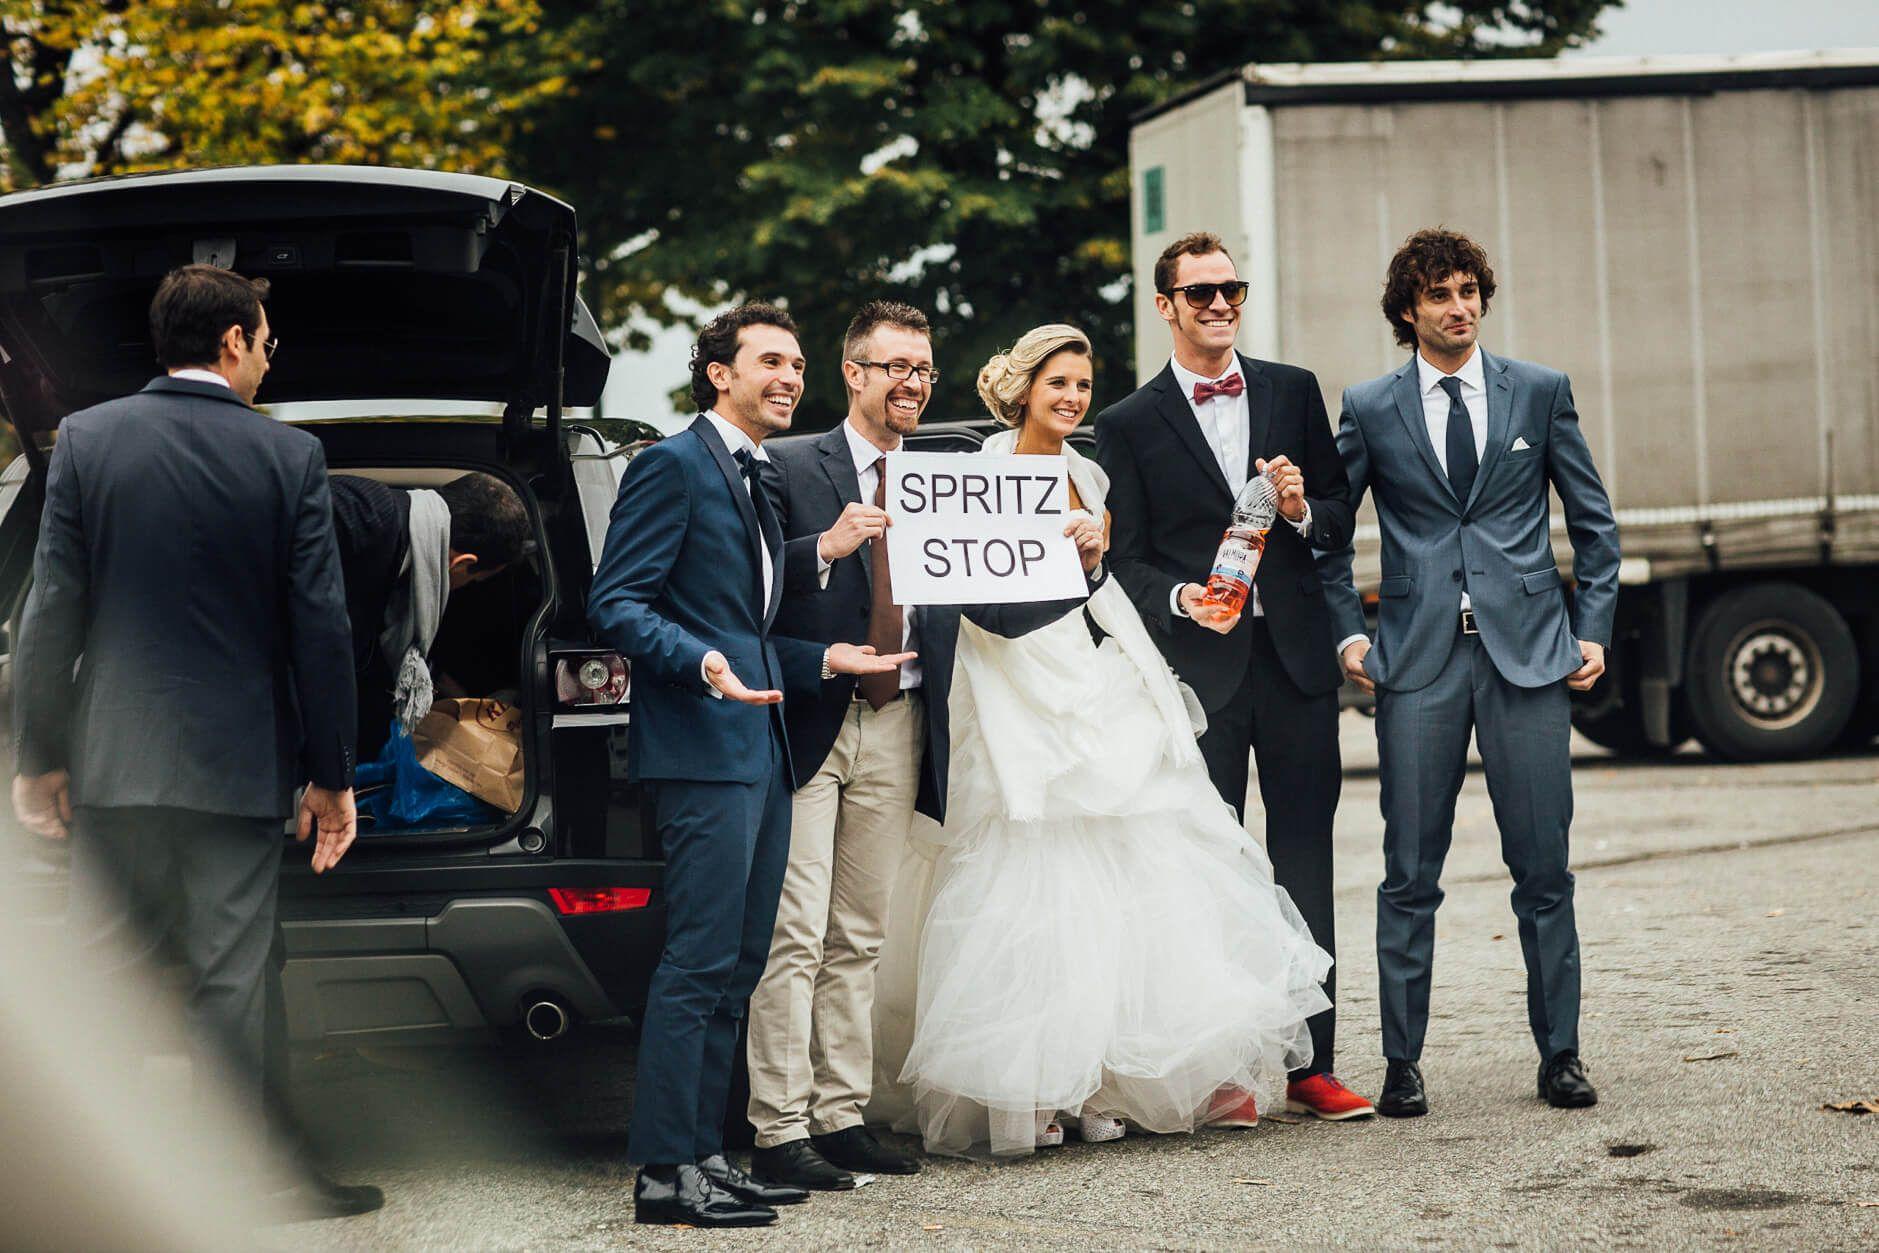 Anniversario Di Matrimonio Scherzi.Scherzi Matrimonio Spritz Stop Matrimonio Divertente Matrimonio